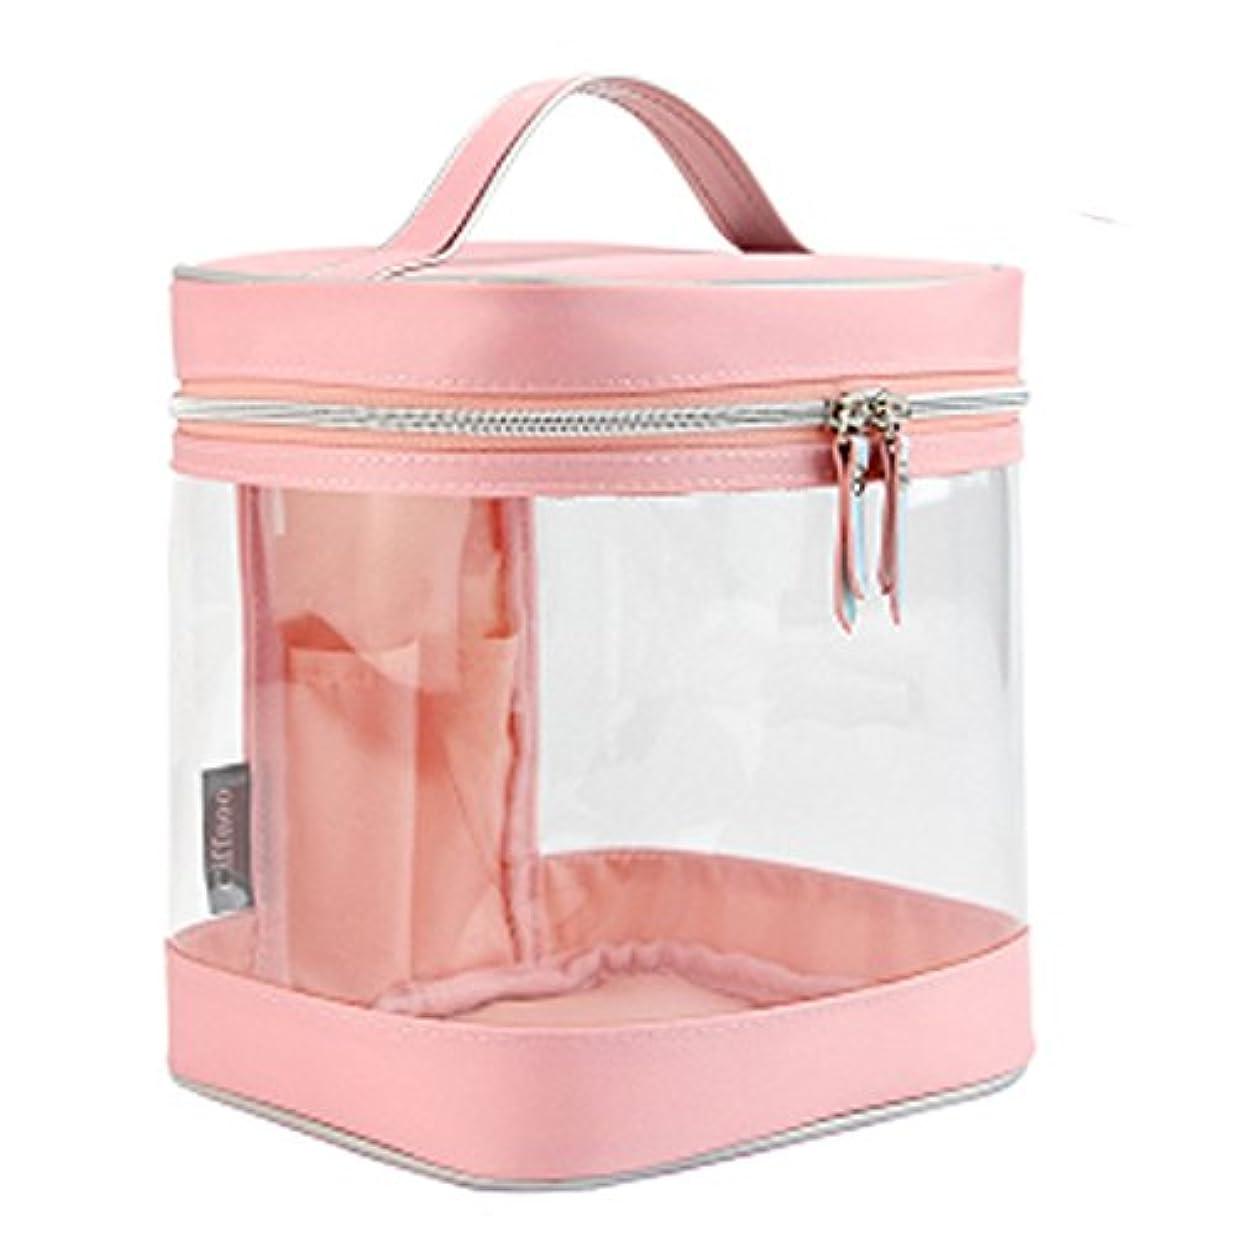 冬枯れる圧縮化粧ポーチ 防水 透明 PVC コスメポーチ高品質 トイレタリーバッグ 洗面用具収納ポーチ 旅行 (ピンク)